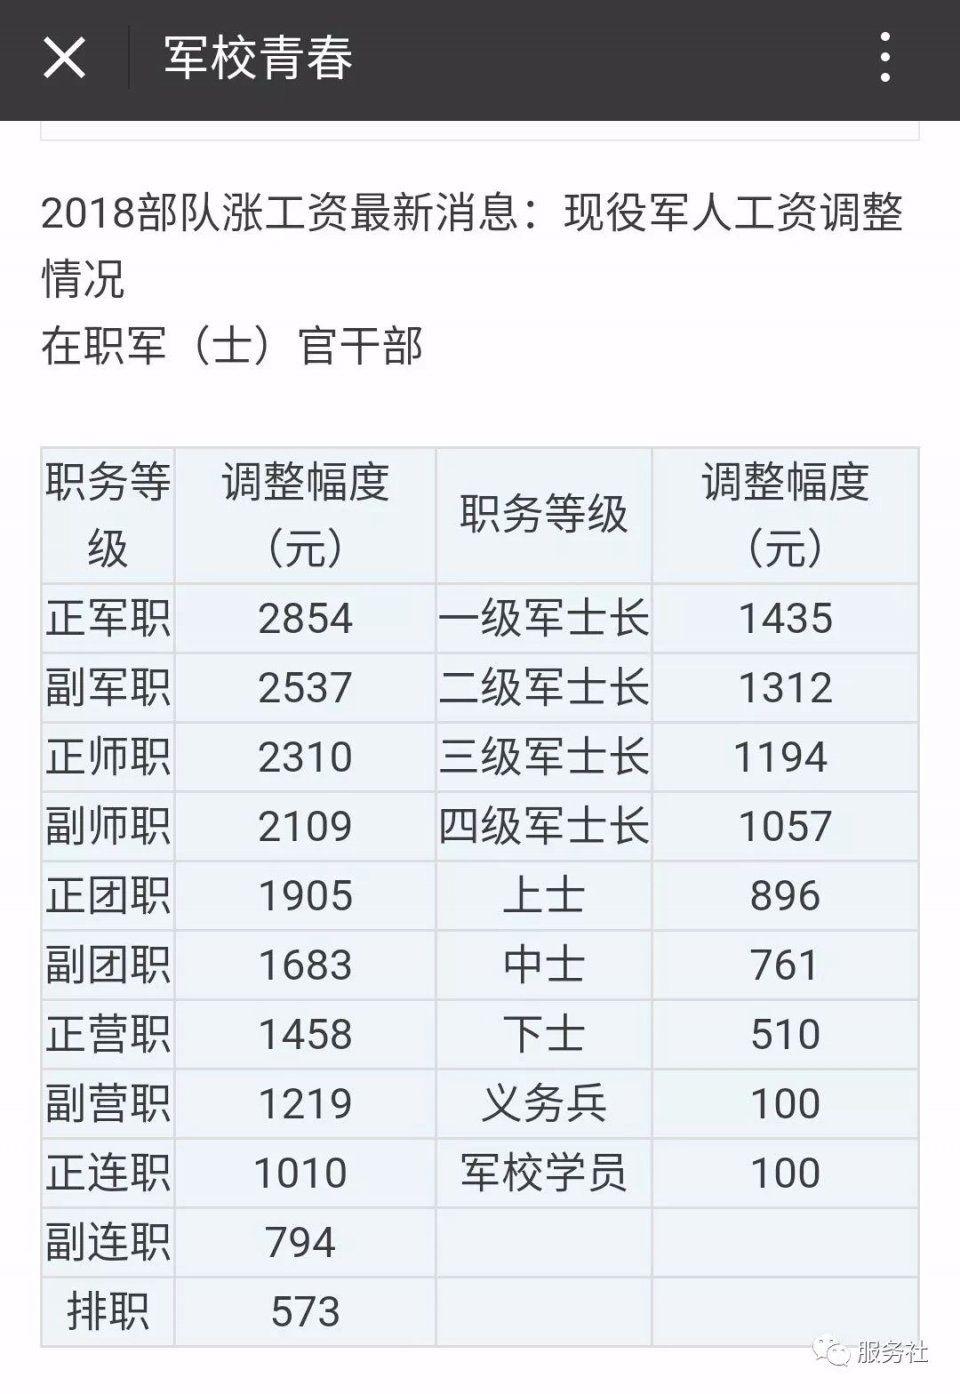 朝鲜人军人工资_军人工资福利待遇_军人工资